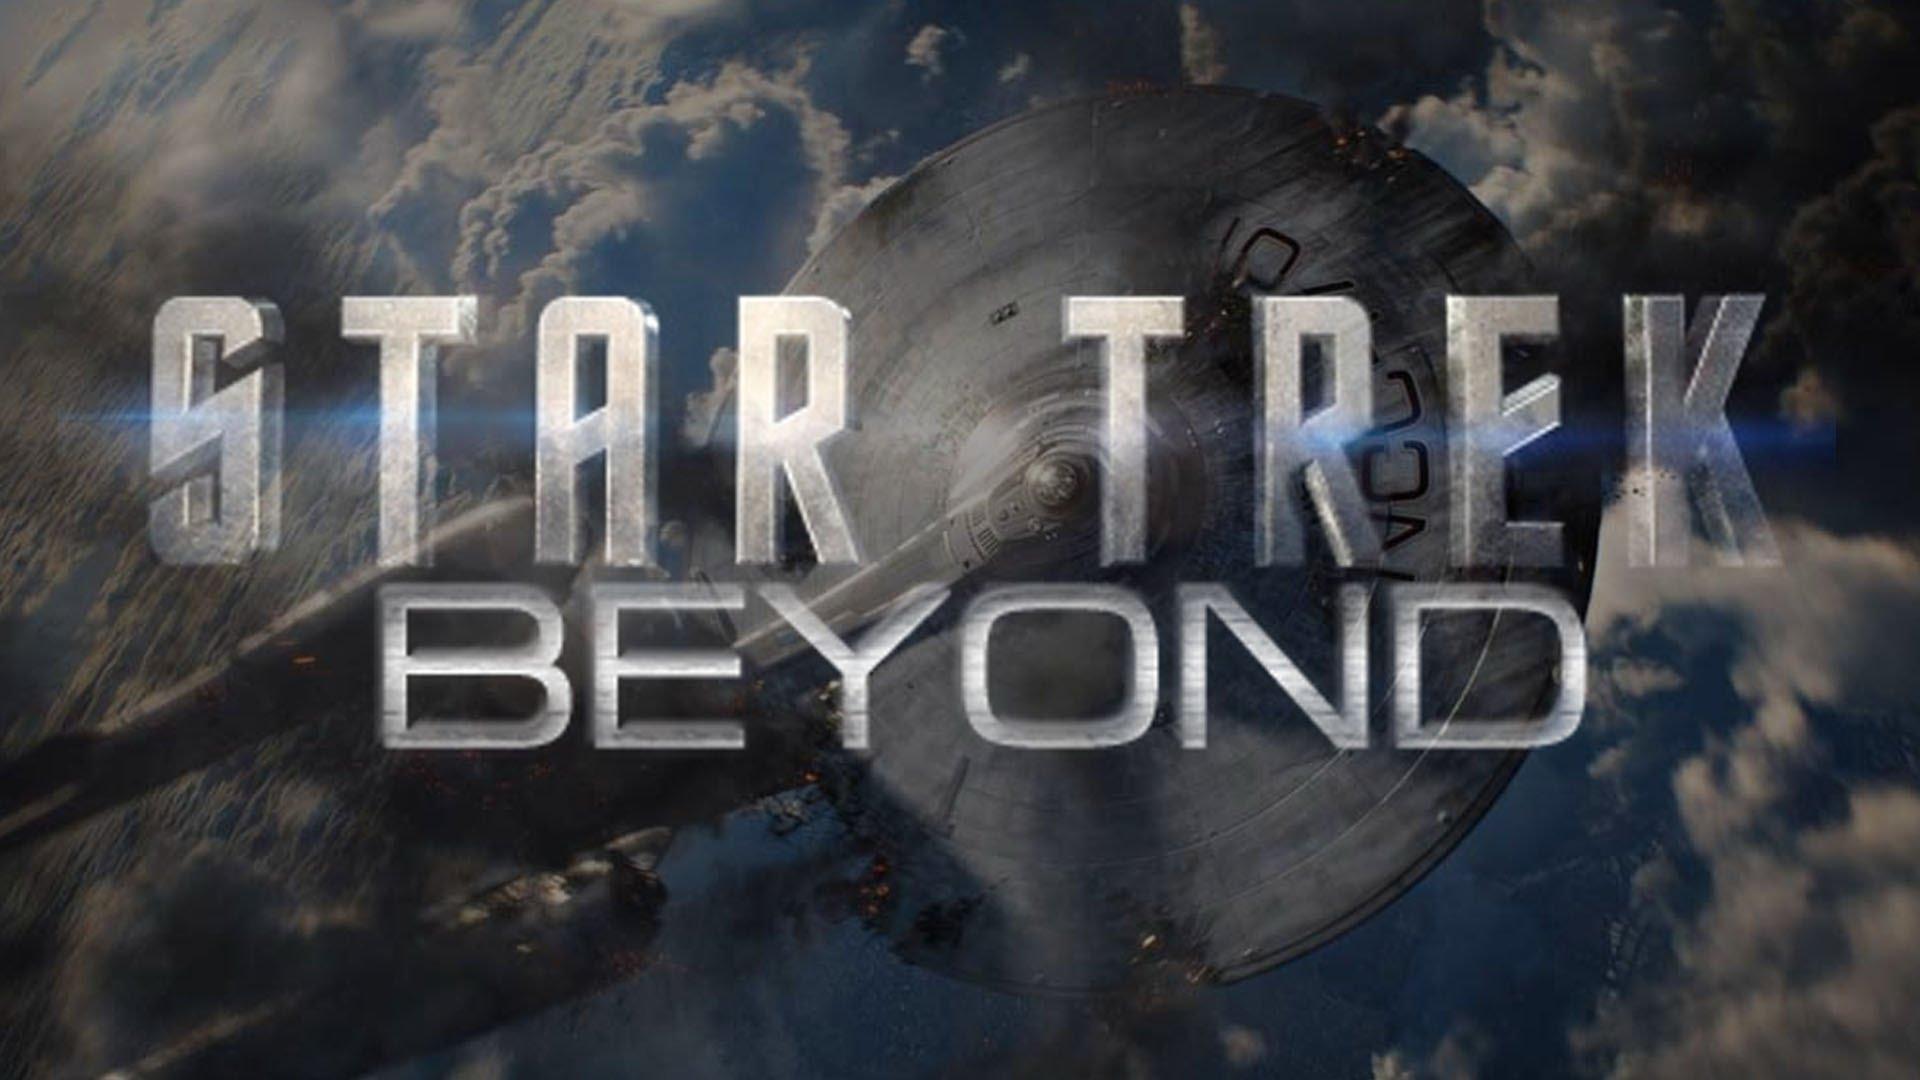 Dopo l'insuccesso di Star Trek: La Nemesi nel 2002, i Trekkers di tutto il mondohanno atteso 7 anni prima di rivedere un nuovo film dedicato alla saga nelle sale cinematografiche. […]